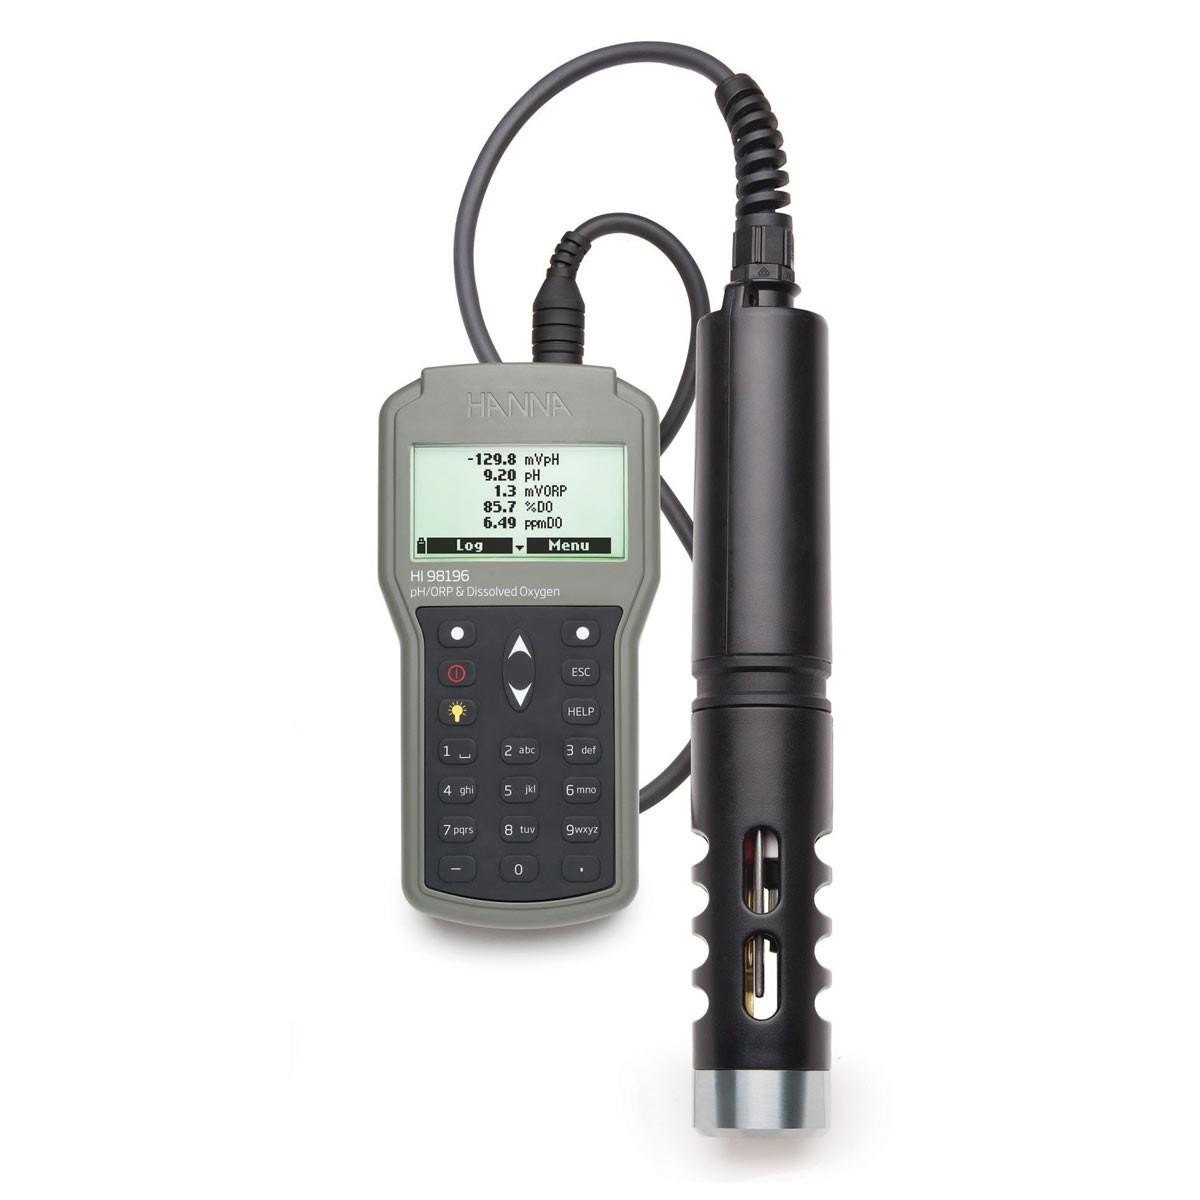 HI98196 - Multiparametre pH / ORP / DO / Basınç / Sıcaklık Suya Dayanıklı Metre